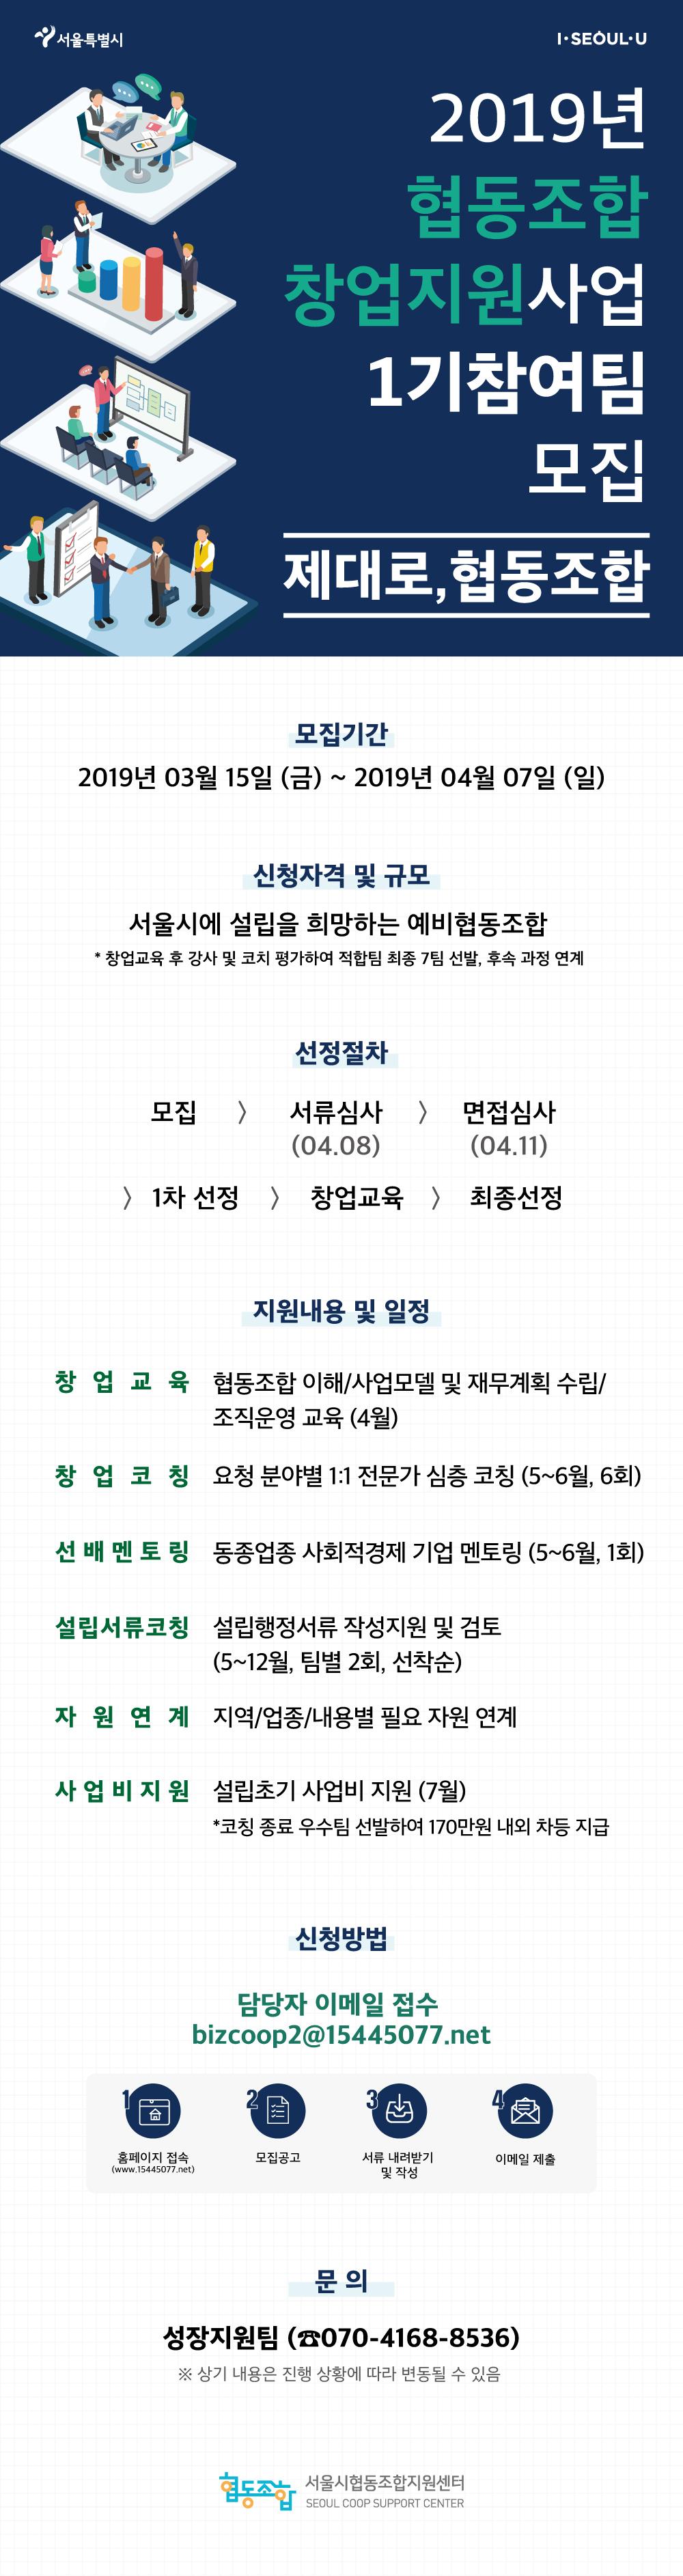 협동조합 창업지원 1기 참여팀 모집(png)